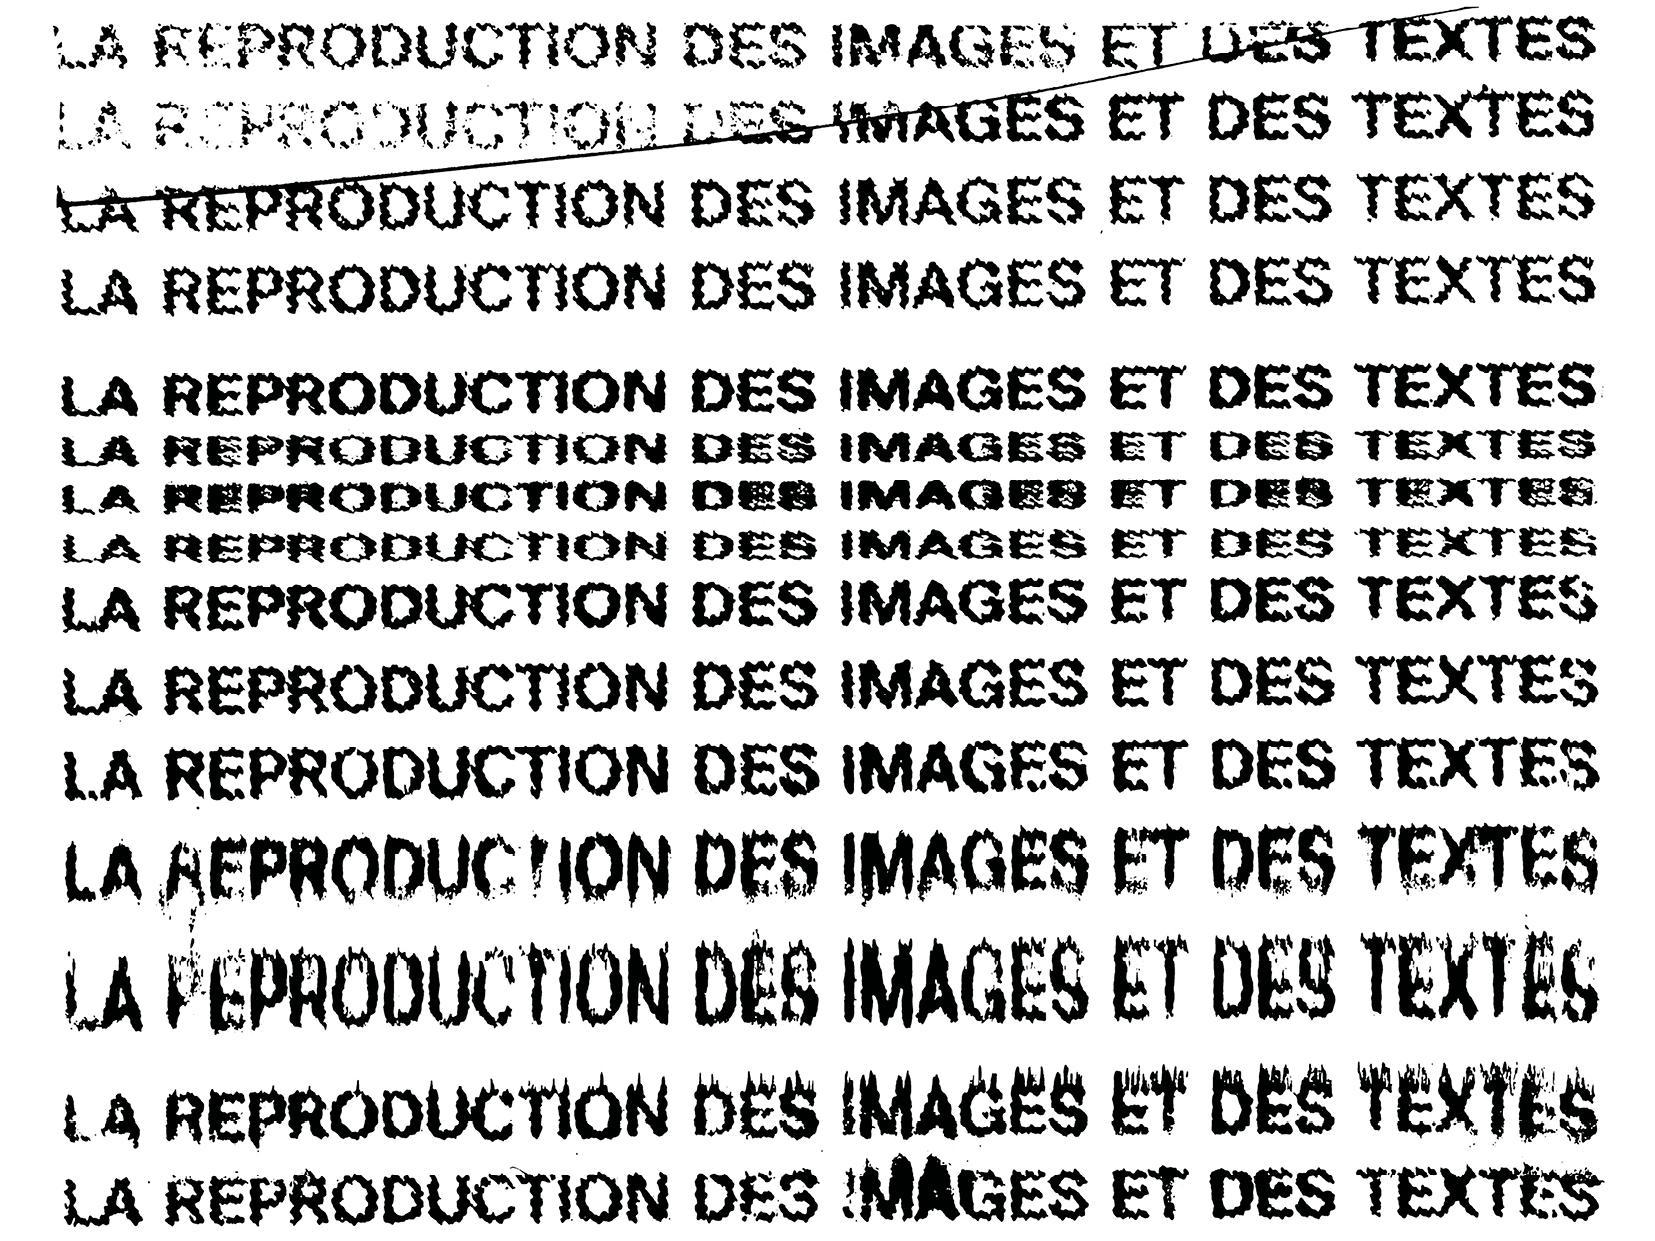 La reproduction des images et des textes (XIe colloque de l'International Association of Word and Image Studies, Lausanne)